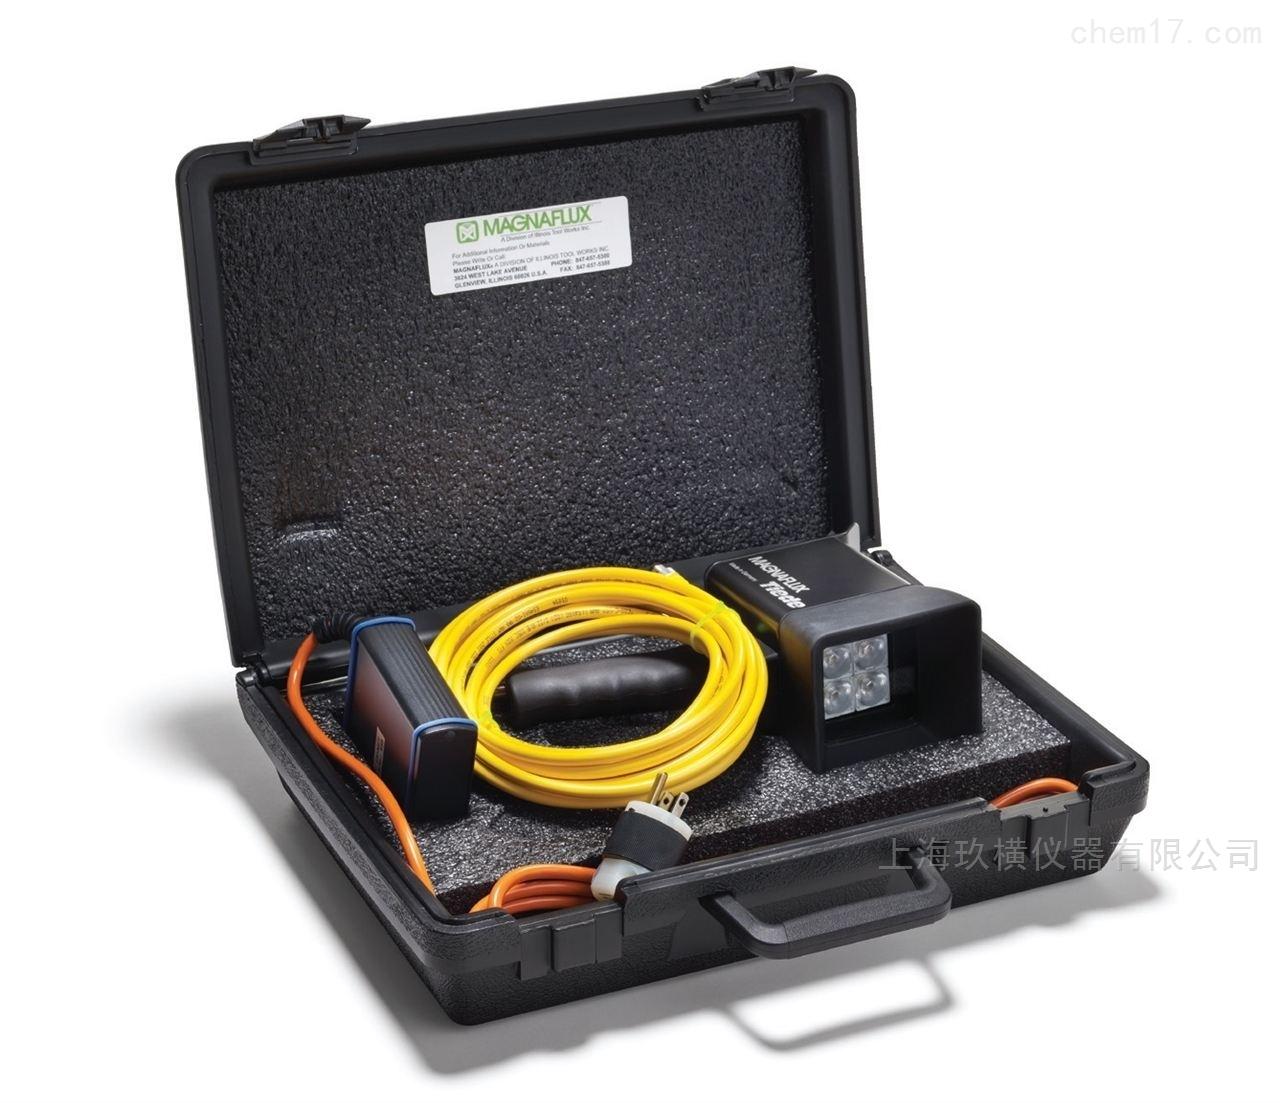 Vibrance EV5000 LED 冷光源黑光灯